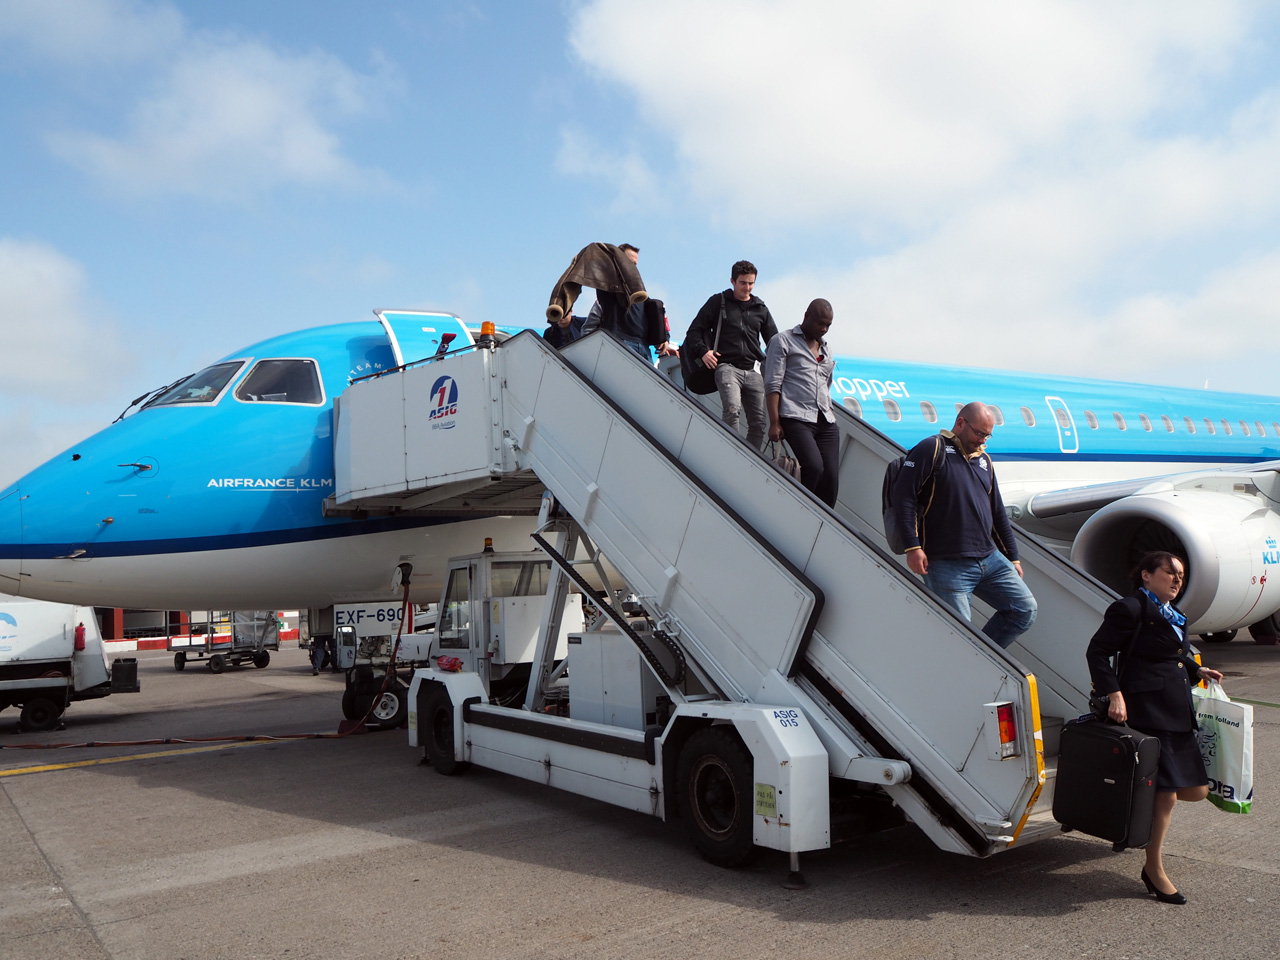 aangekomen in Aberdeen Schotland